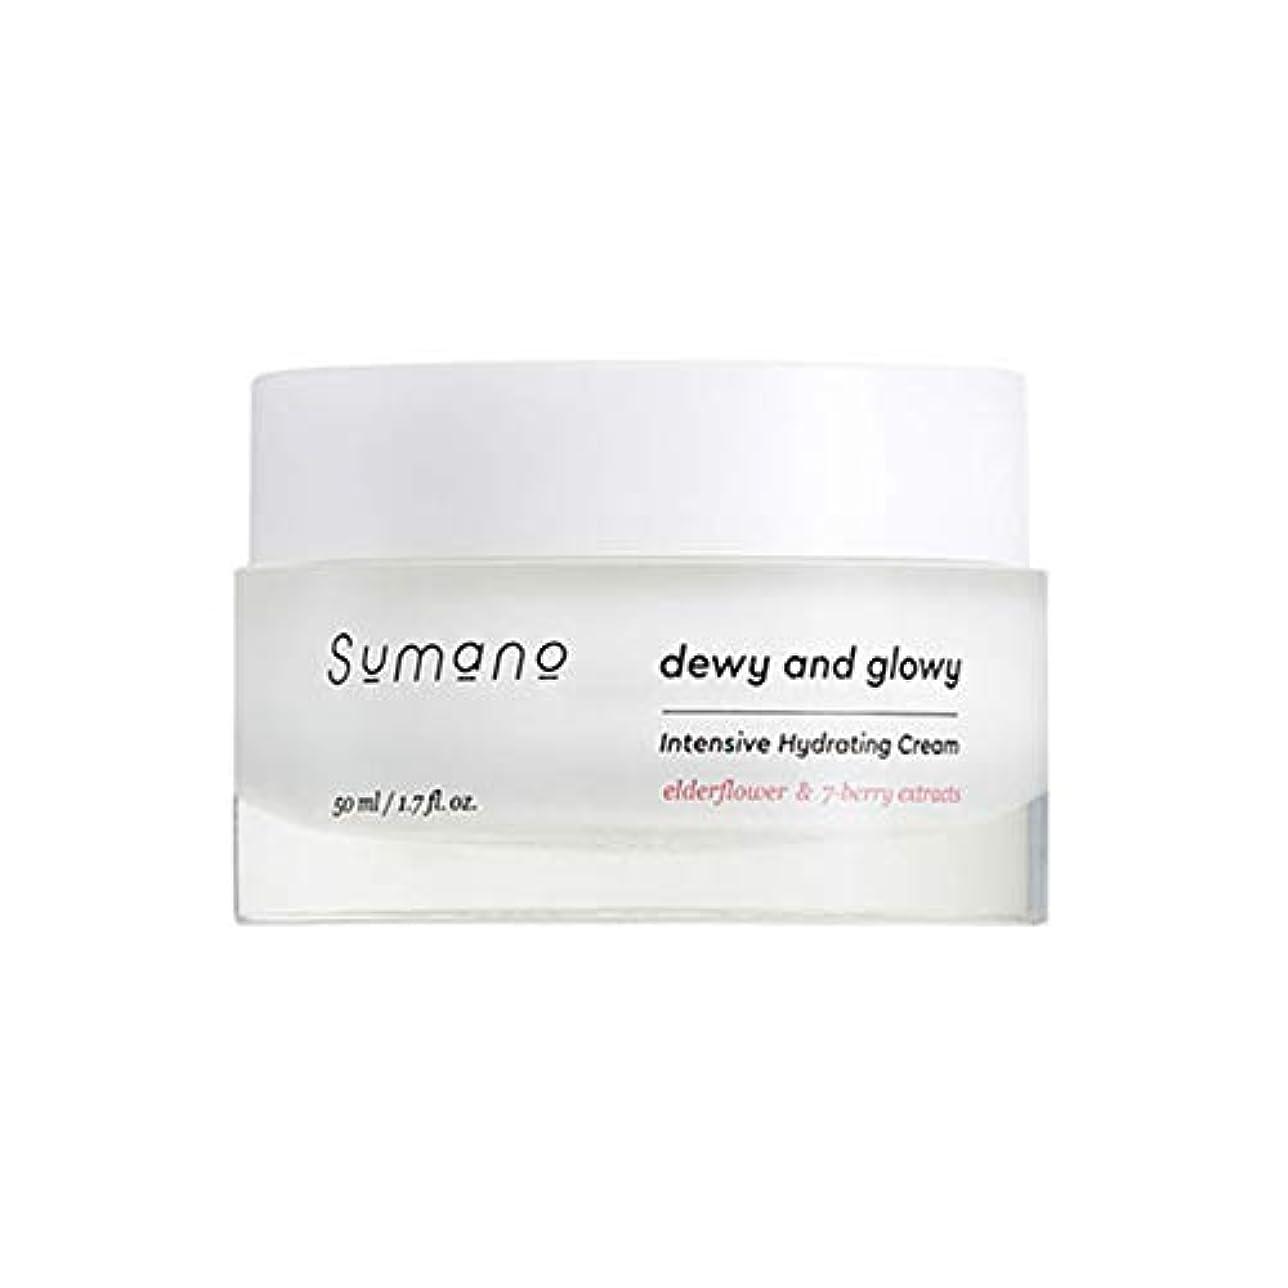 句応答雑種[SUMANO/スマノ] Sumano Intensive Hydrating Cream/インテンシブクリーム Skingarden/スキンガーデン